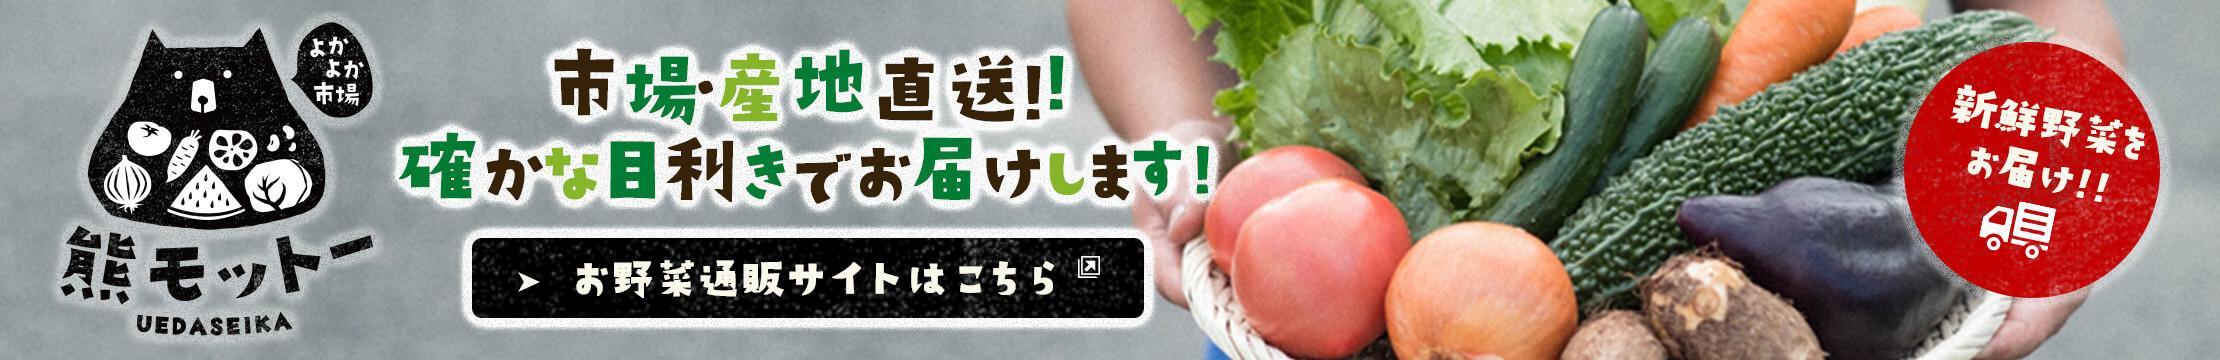 お野菜通販のよかよか市場